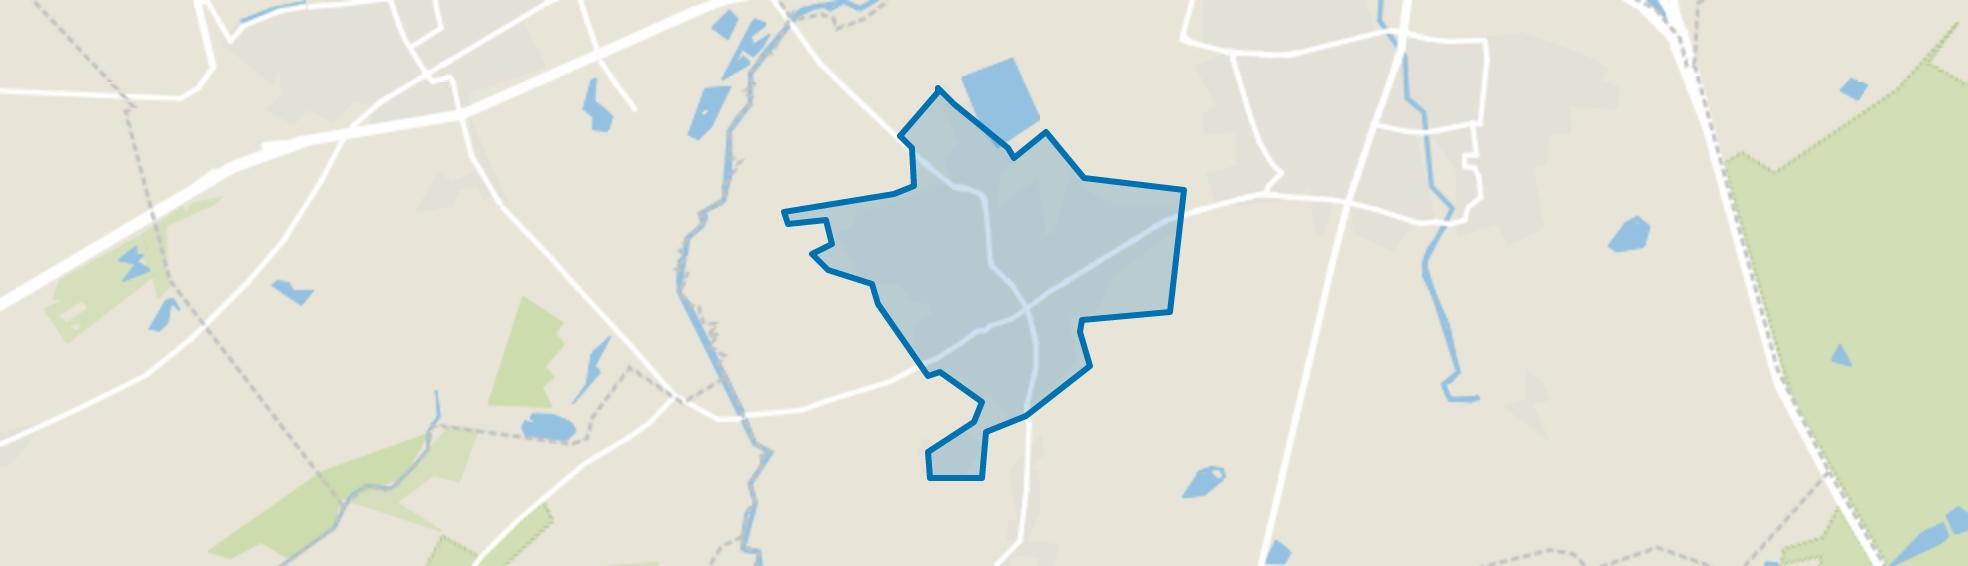 Waalre, Waalre map